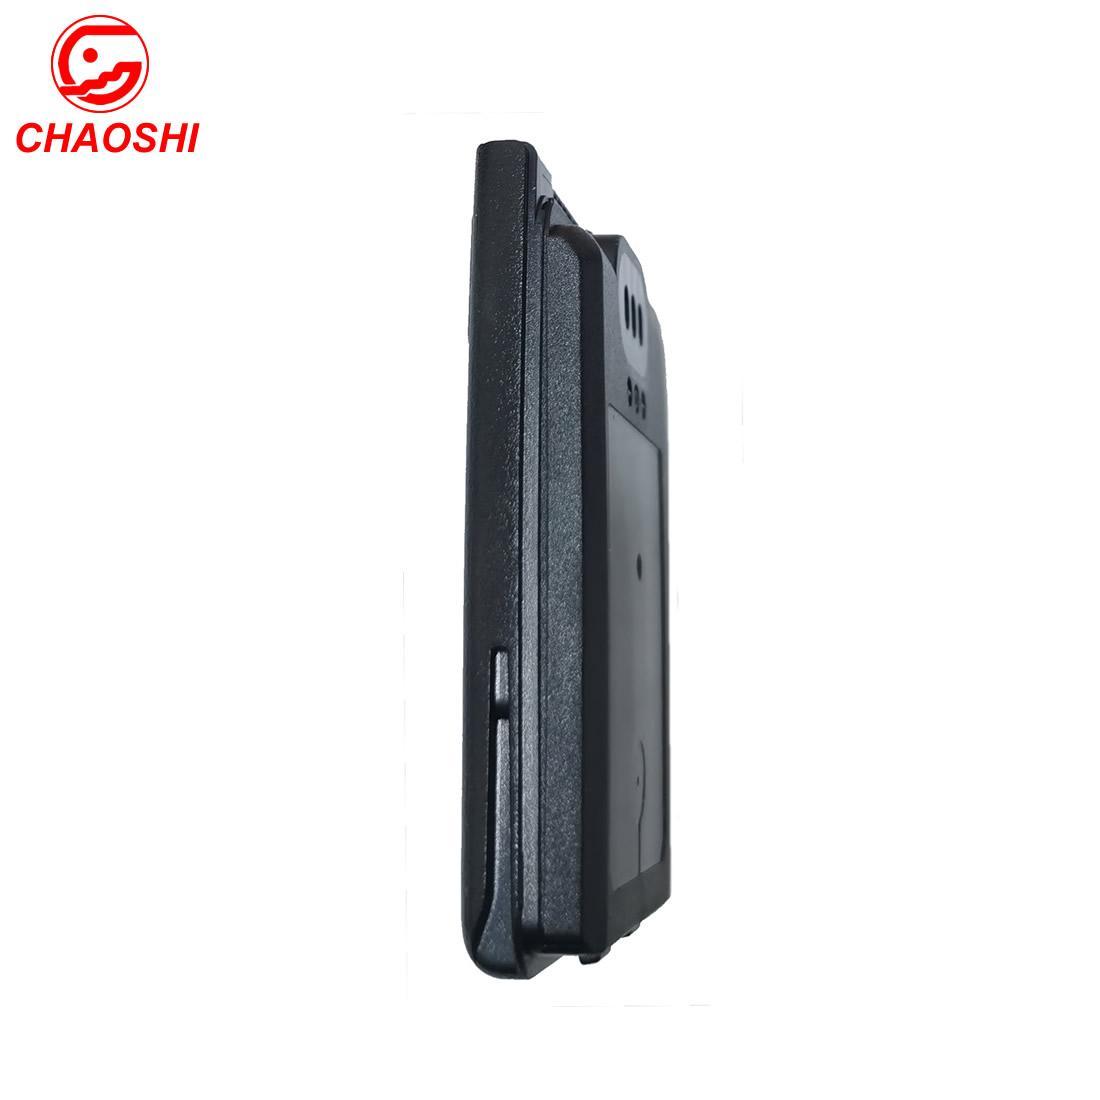 BP294對講機電池 IC-F52D, IC-F62D, IC-M85 5